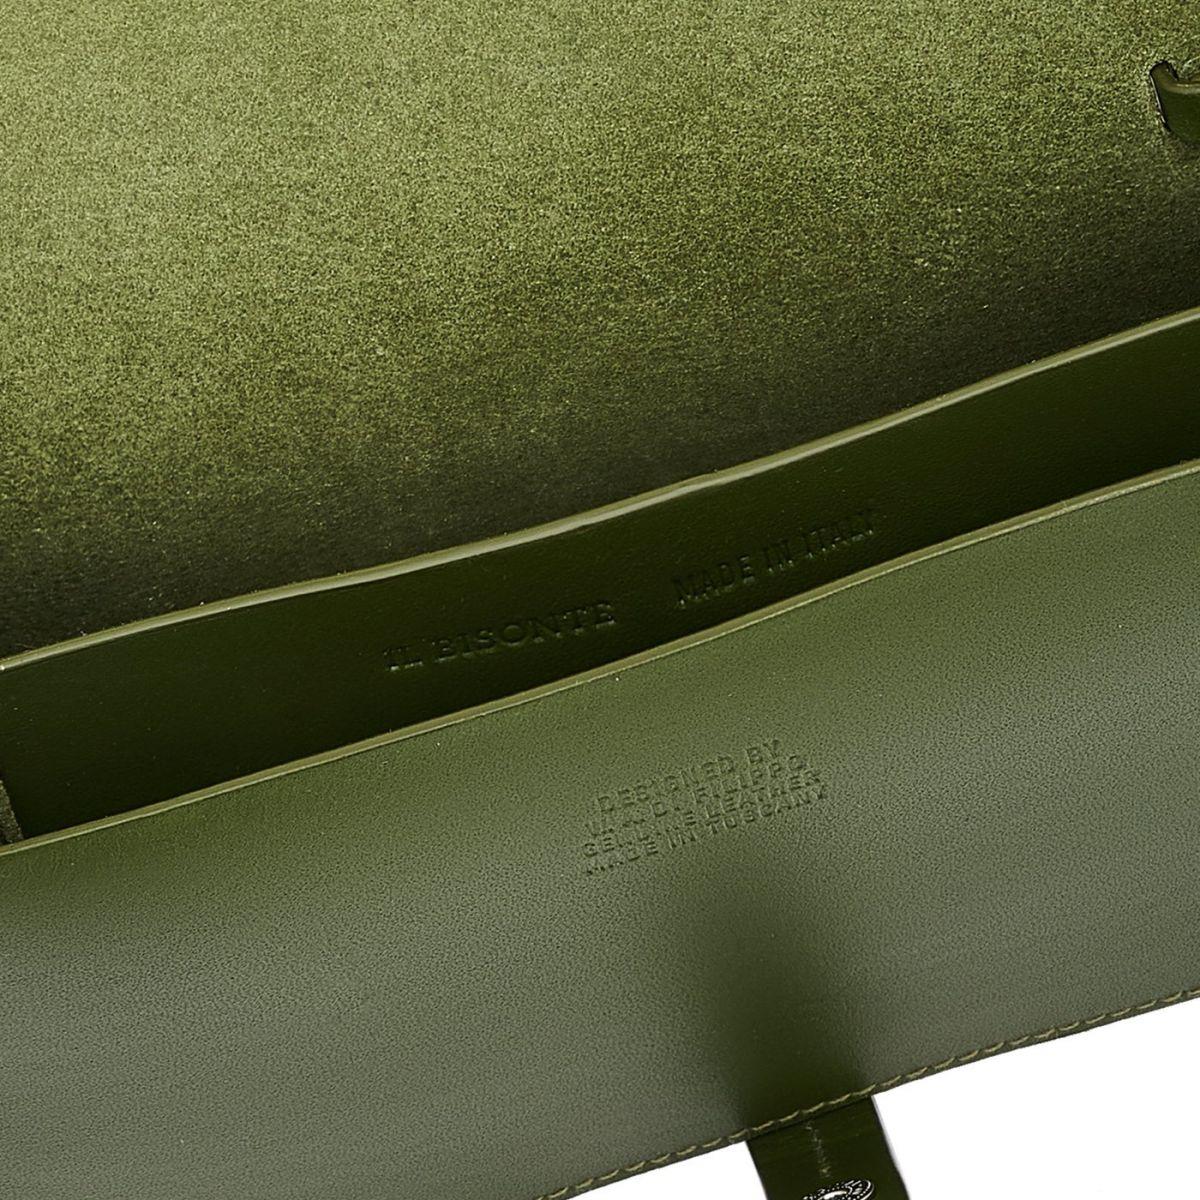 Piccarda Small - Borsa A Tracolla da Donna in Pelle Di Vacchetta colore Verde - Linea Tondina BCR246 | Details